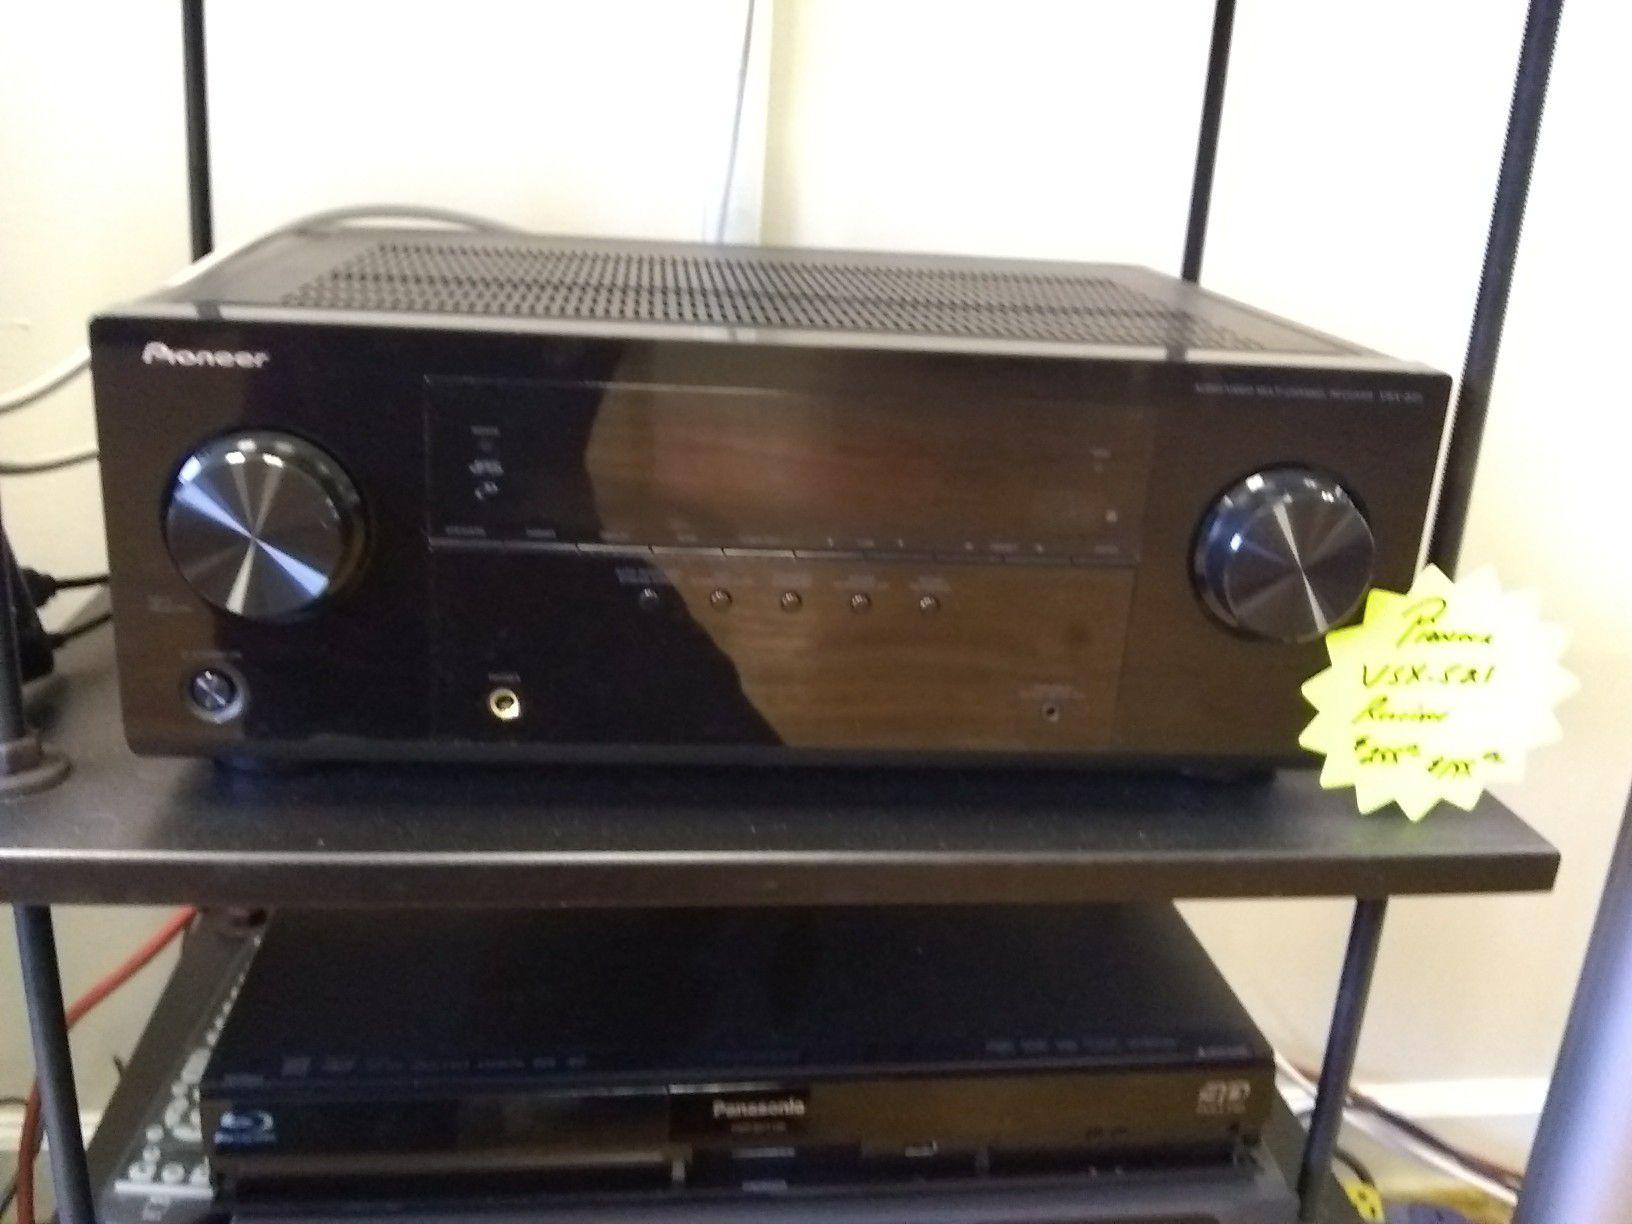 Marantz surround sound receiver